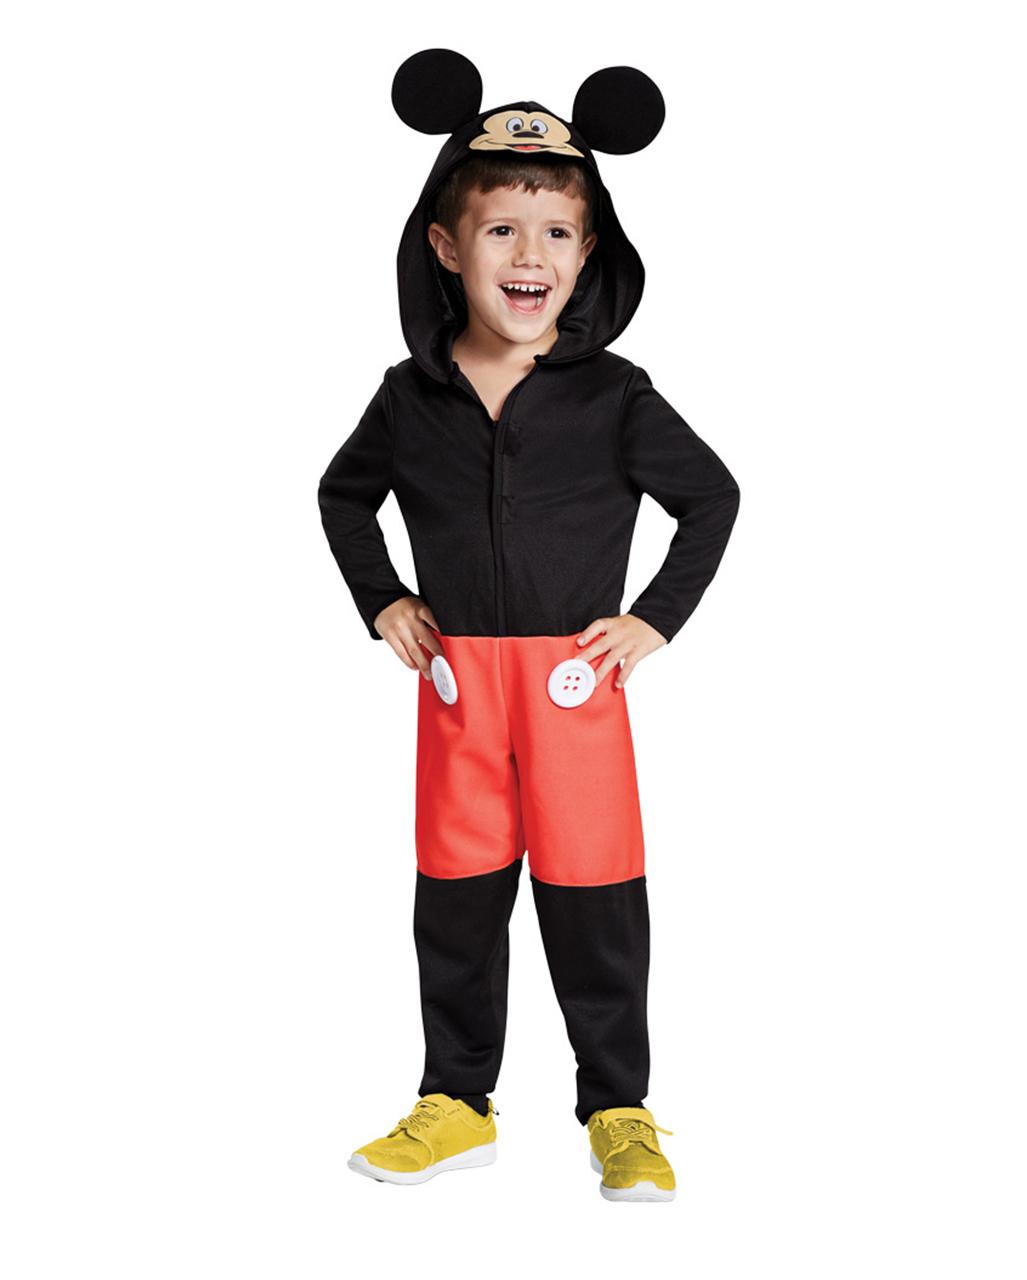 Mickey Maus Kostum Fur Kinder Online Kaufen Bei Karneval Universe